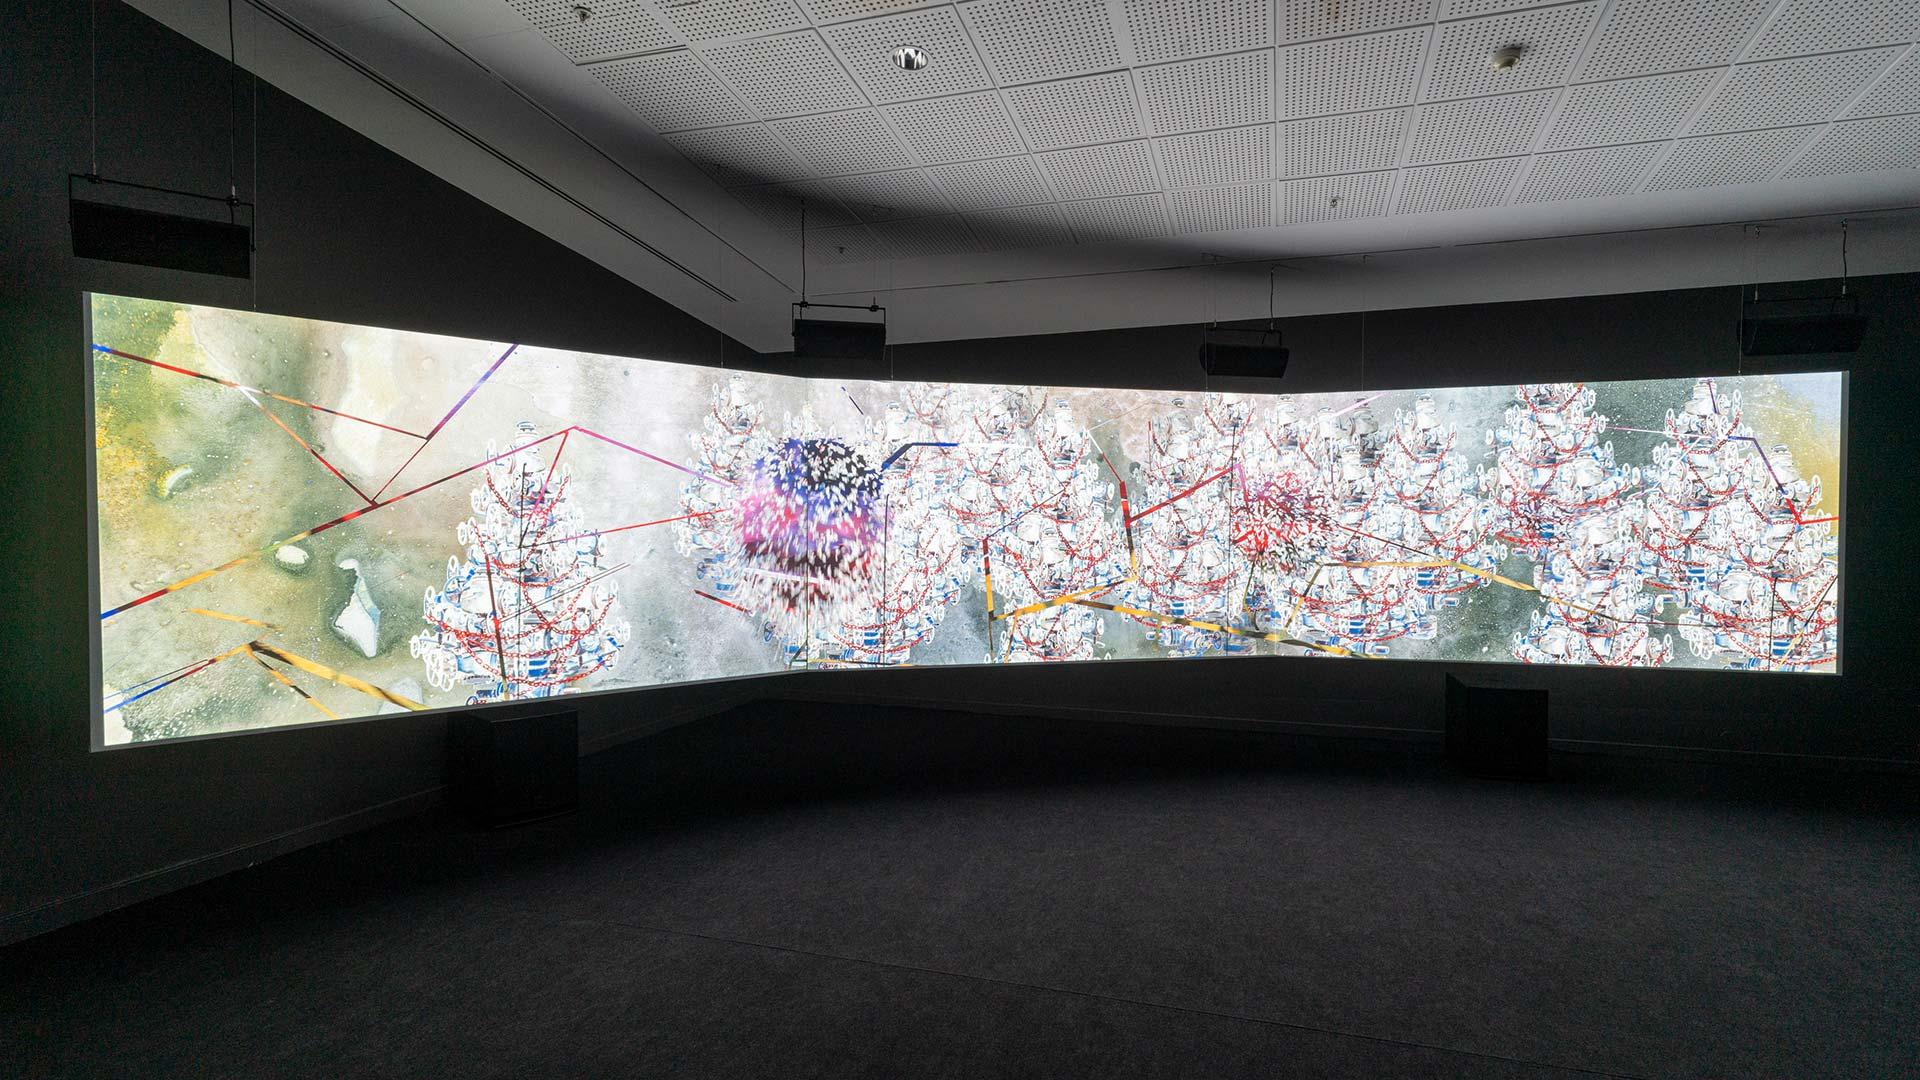 İkilikleri Kırmak: Kovid Döneminde Sanat Üzerine Düşünceler <br> Shahzia Sikander ve Vishakha Desai